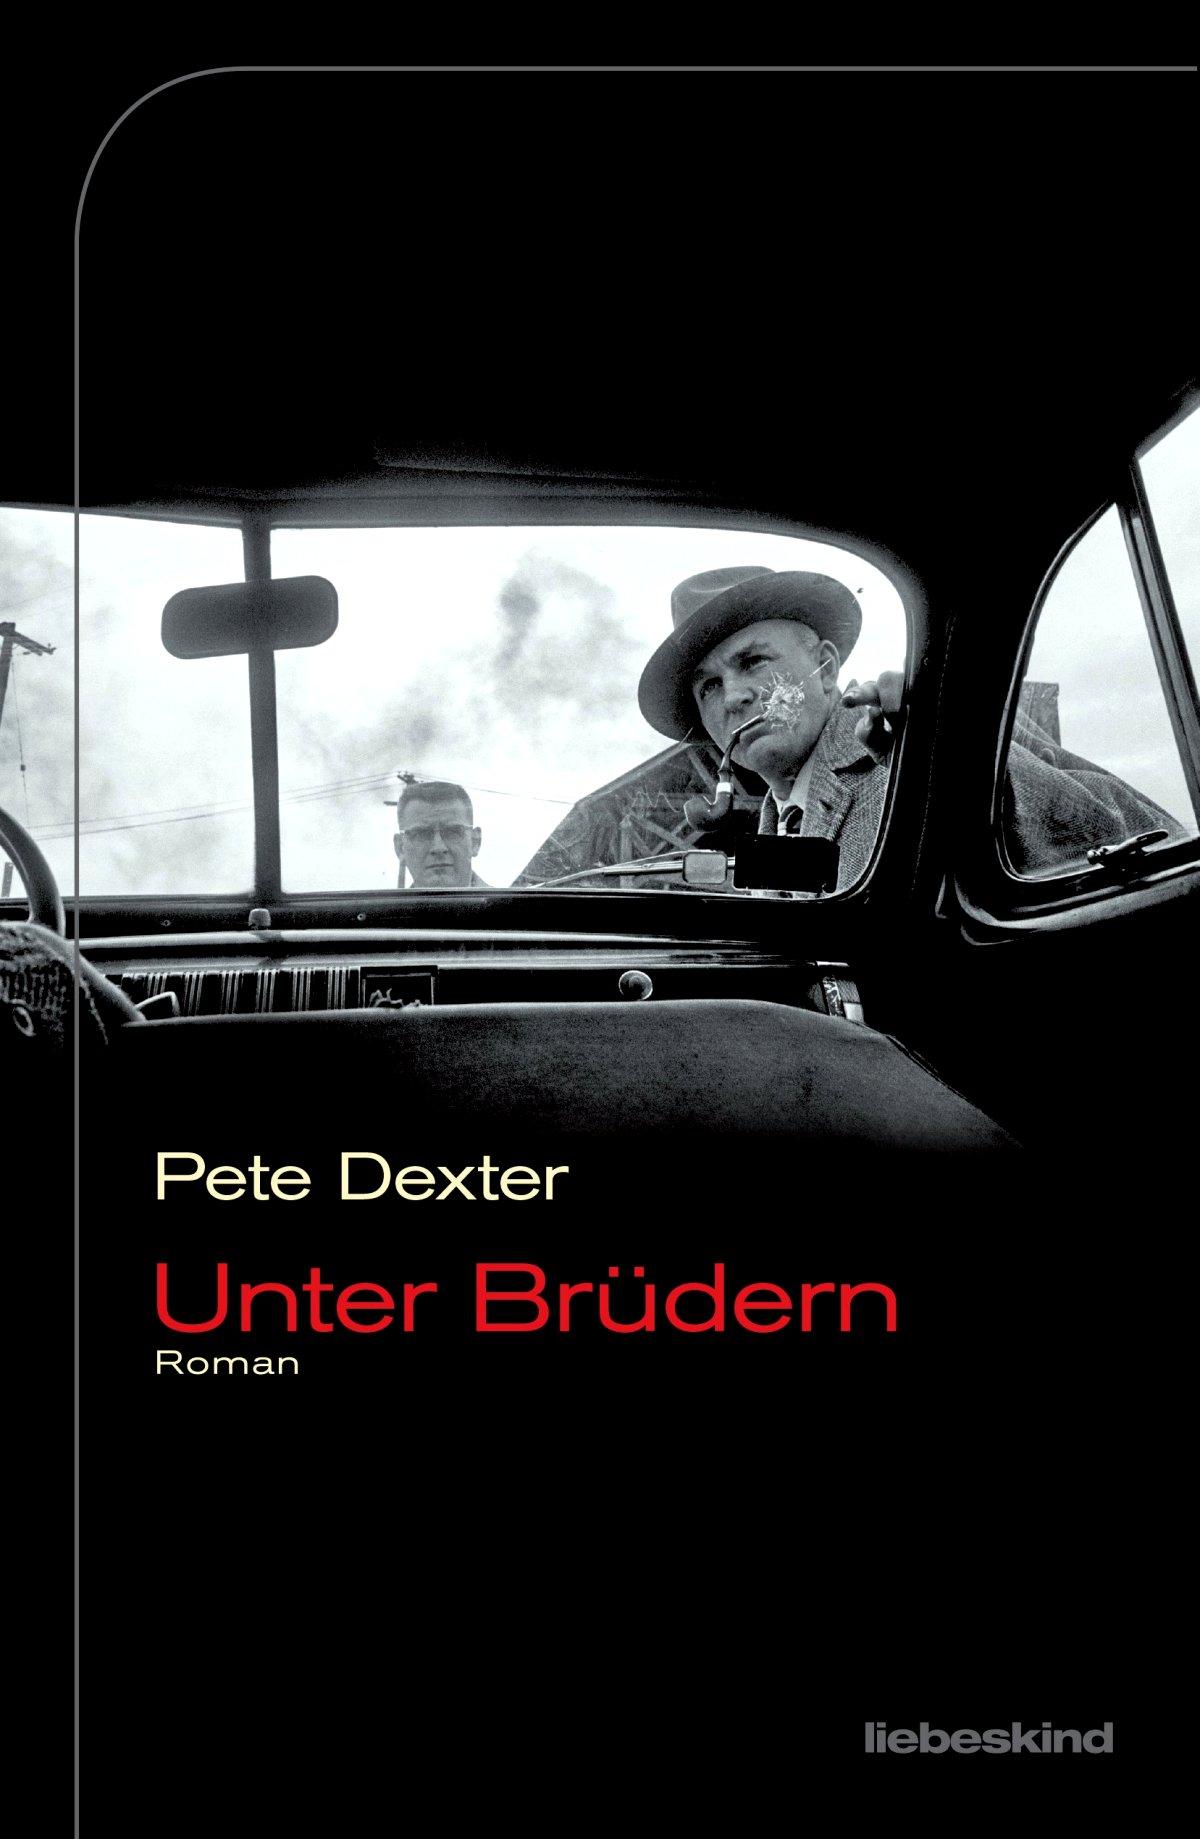 Pete Dexter – Unter Brüdern (Buch)